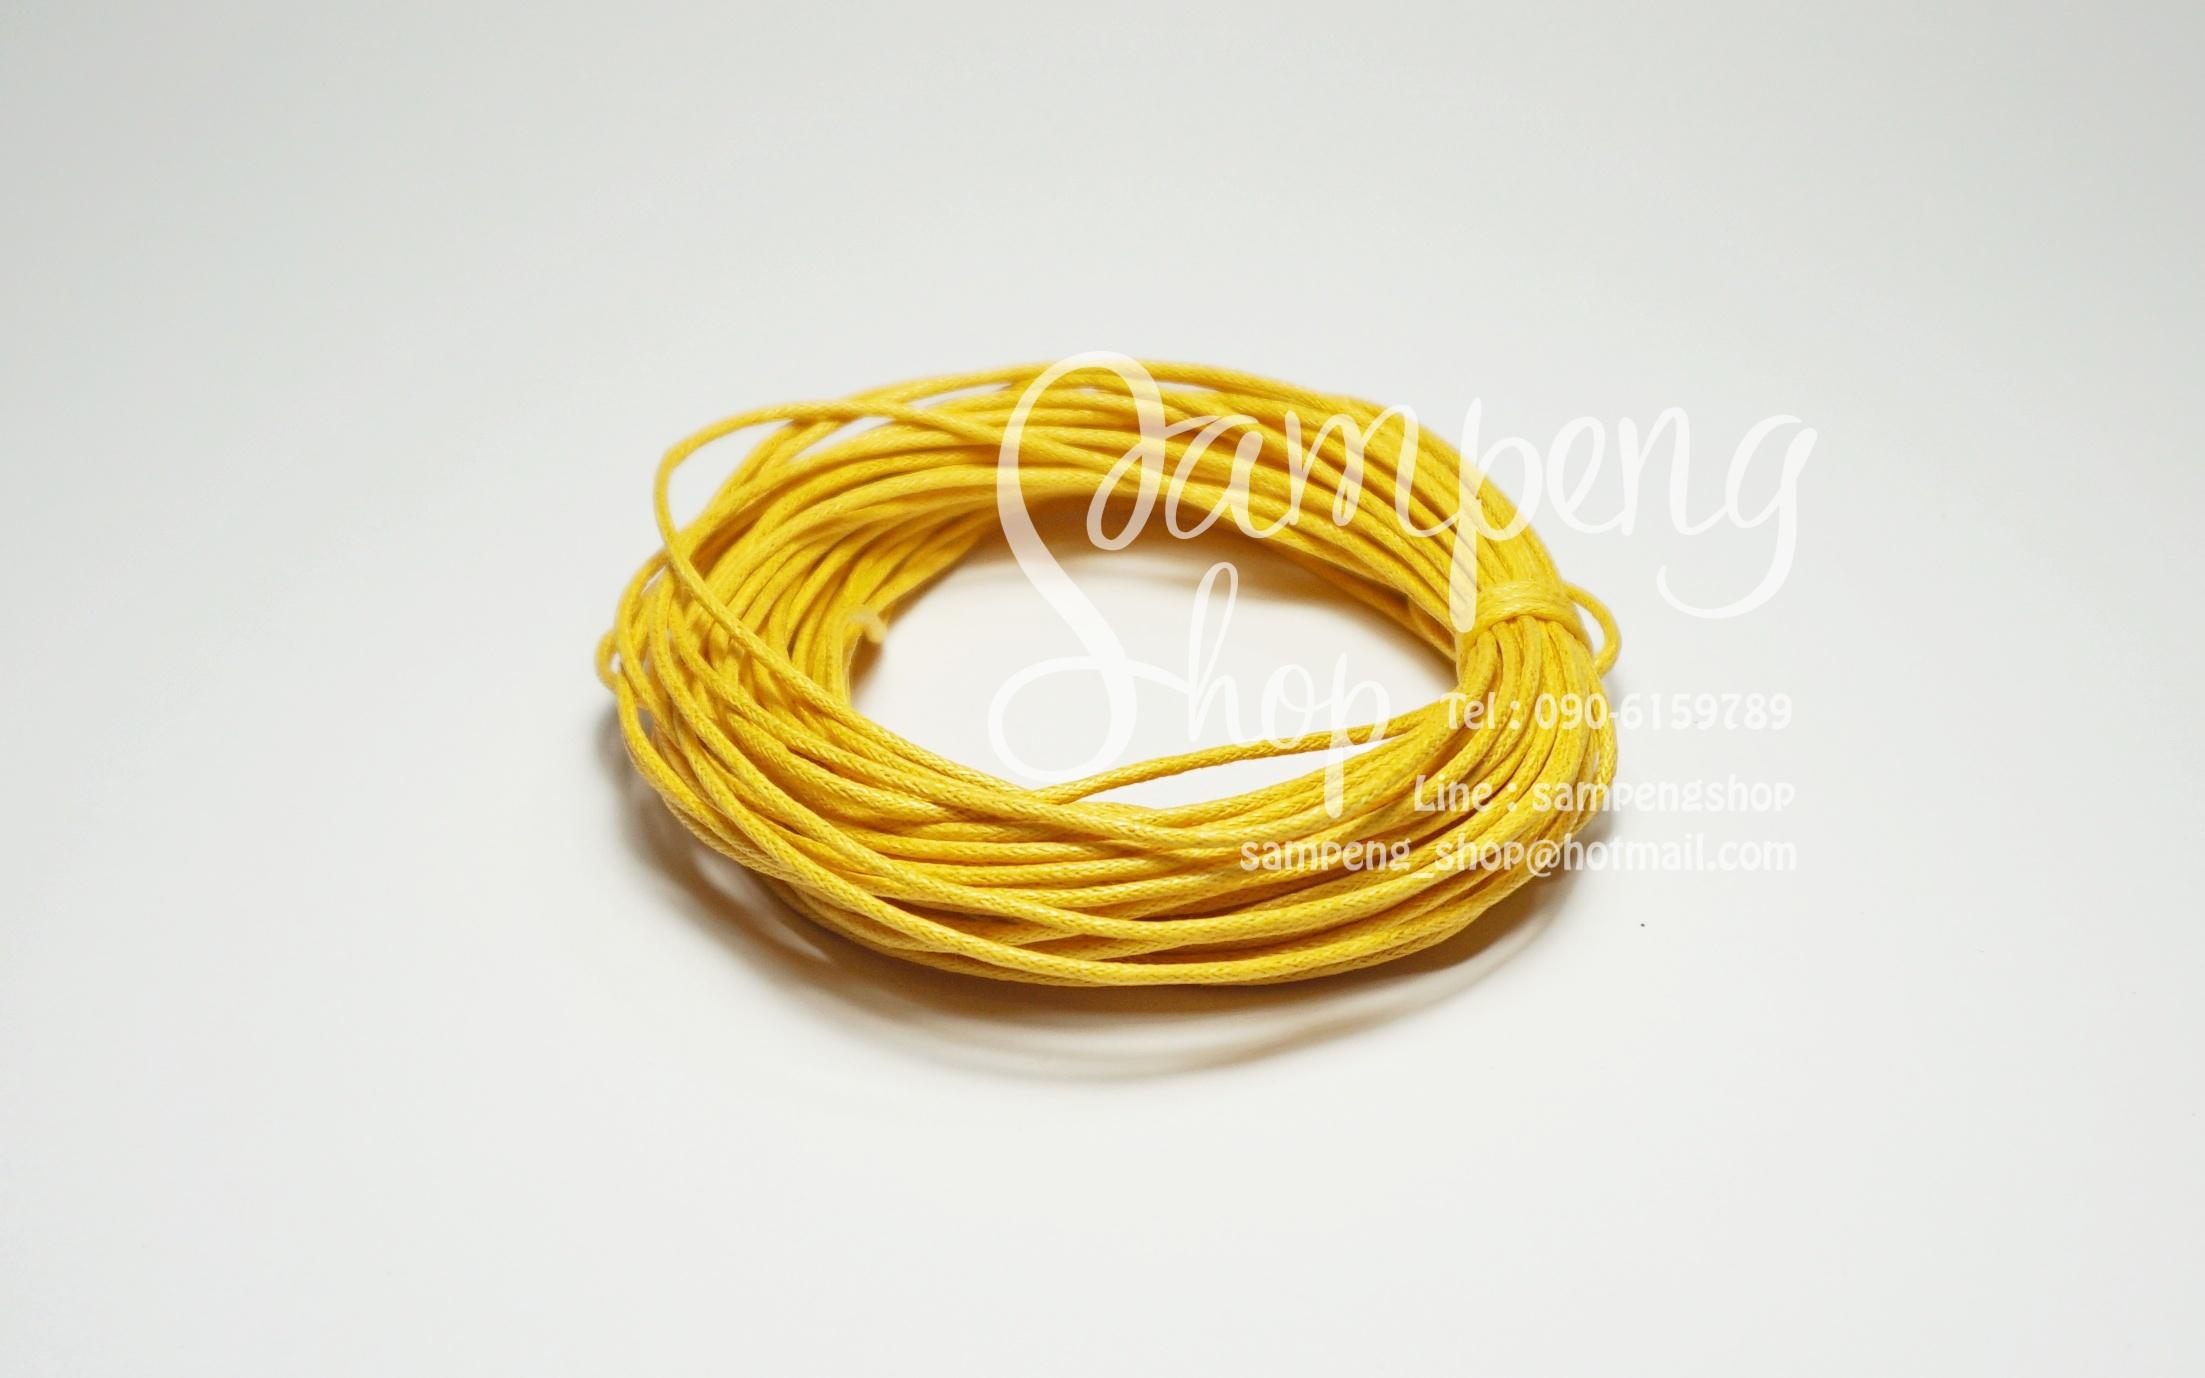 เชือกคอตตอน สีเหลือง 1.5มิล